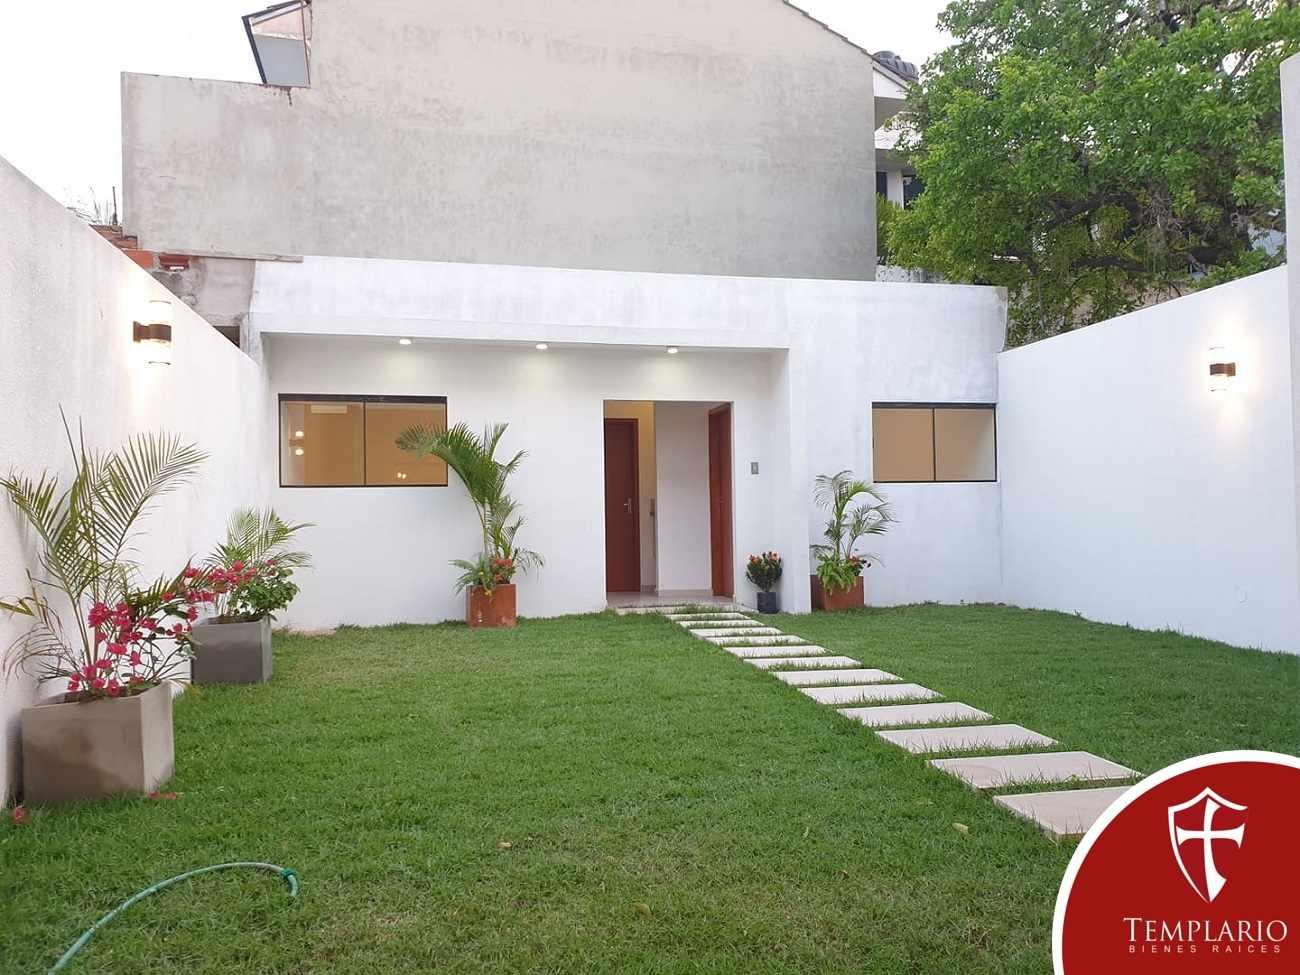 Casa en Venta Av. Santos Dumont 3er y 4to Anillo - Vecindario Residencial Foto 21